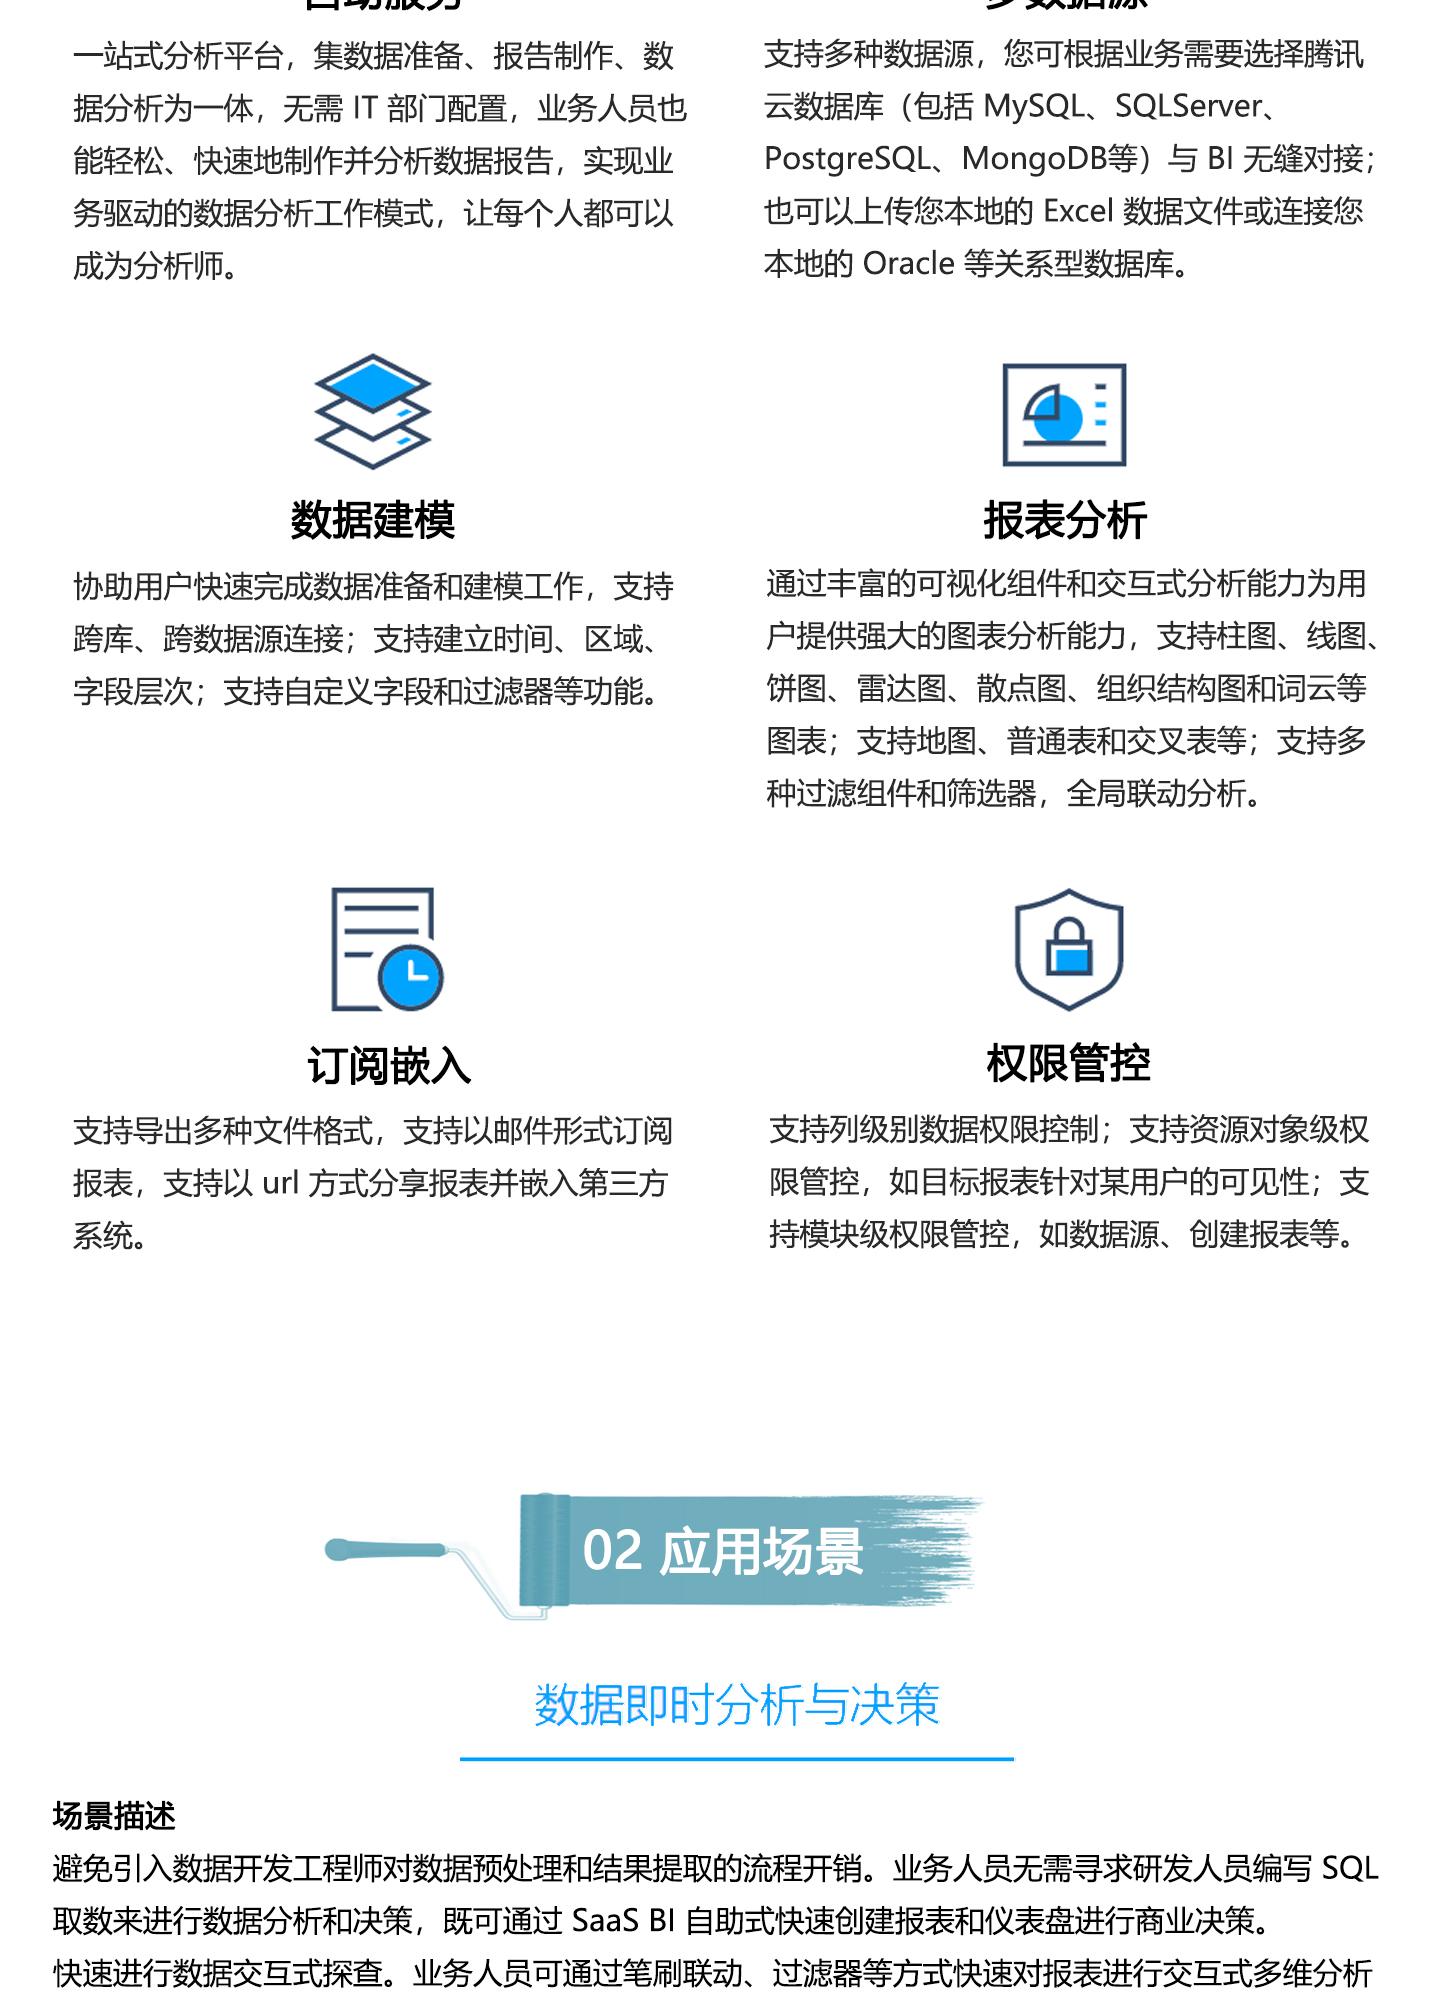 商业智能分析-BI1440_02.jpg